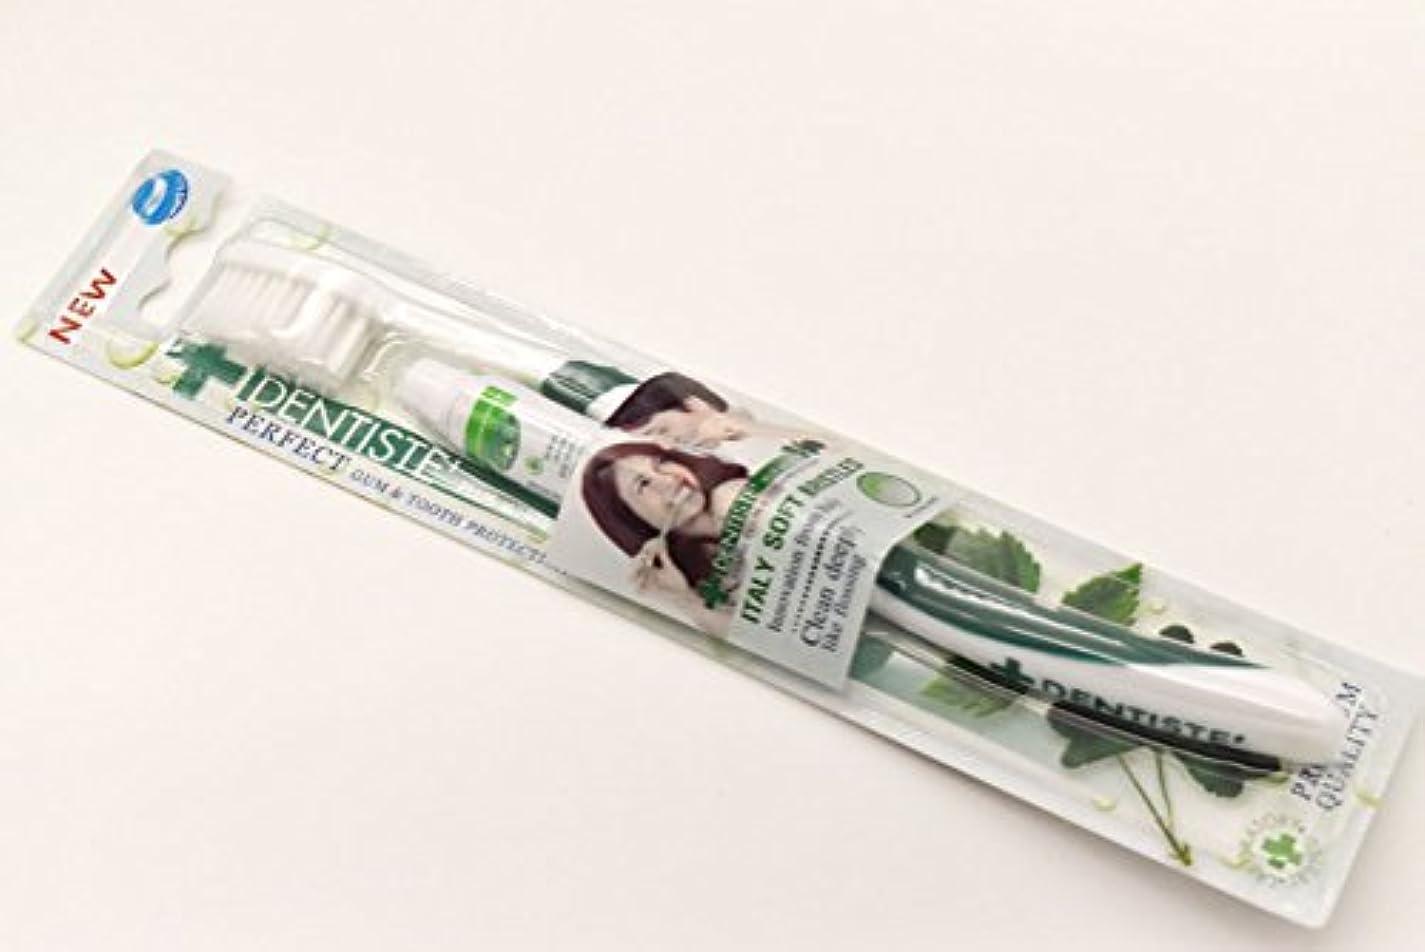 評価毎回ステージDENTISTE' デンティス 歯ブラシ 歯磨き粉5g付き (アソート歯ブラシ※色は選べません) 並行輸入品